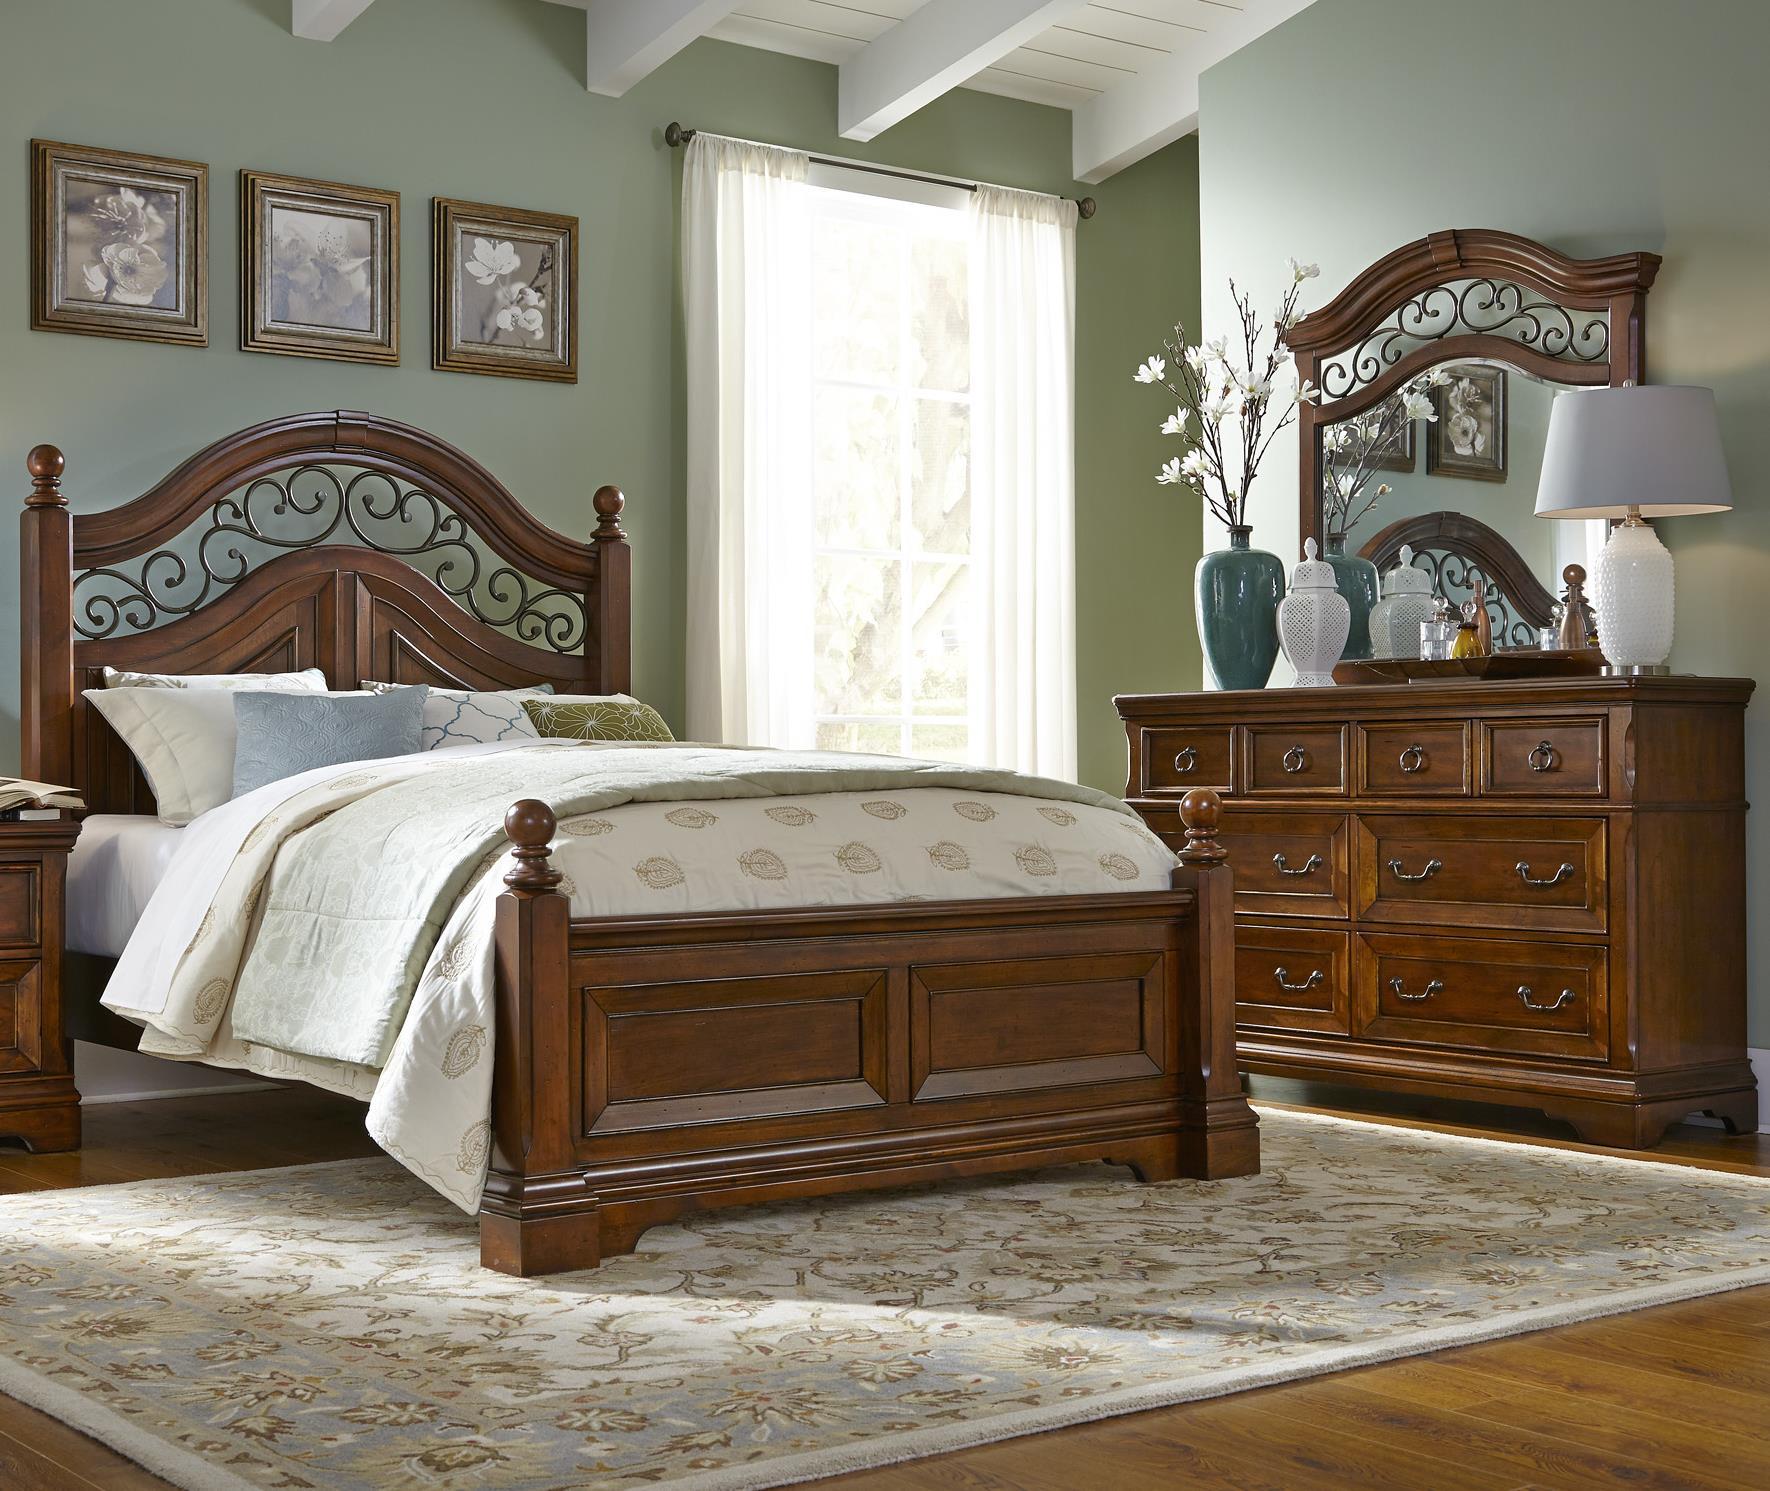 Liberty Furniture Laurelwood Queen Poster Bed, Dresser & Mirror - Item Number: 547-BR-GP24